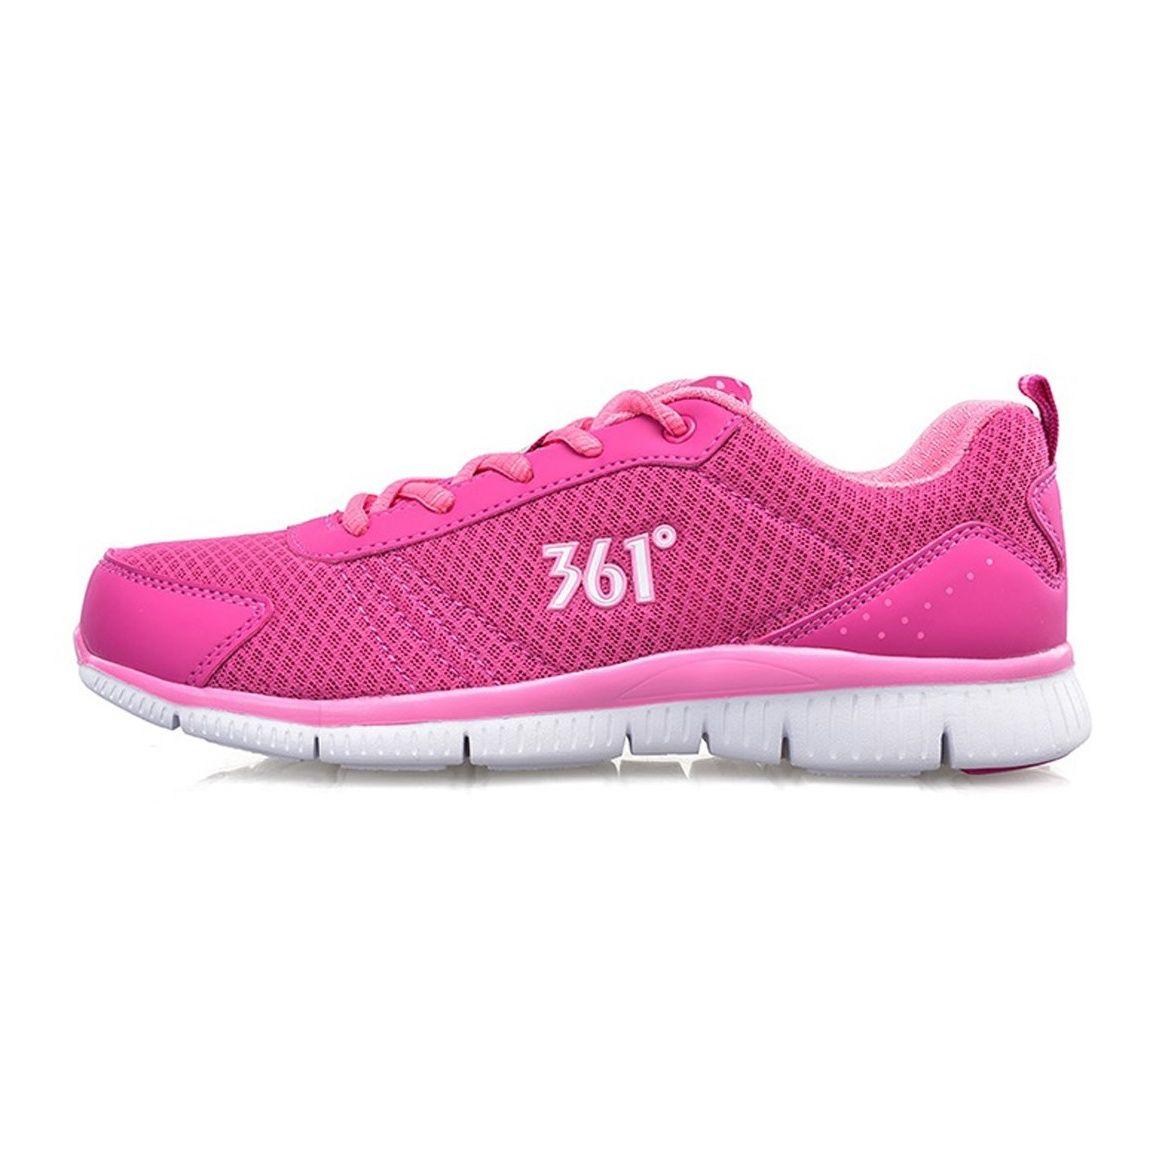 کفش مخصوص تمرین زنانه 361 درجه مدل 2277 -  - 2